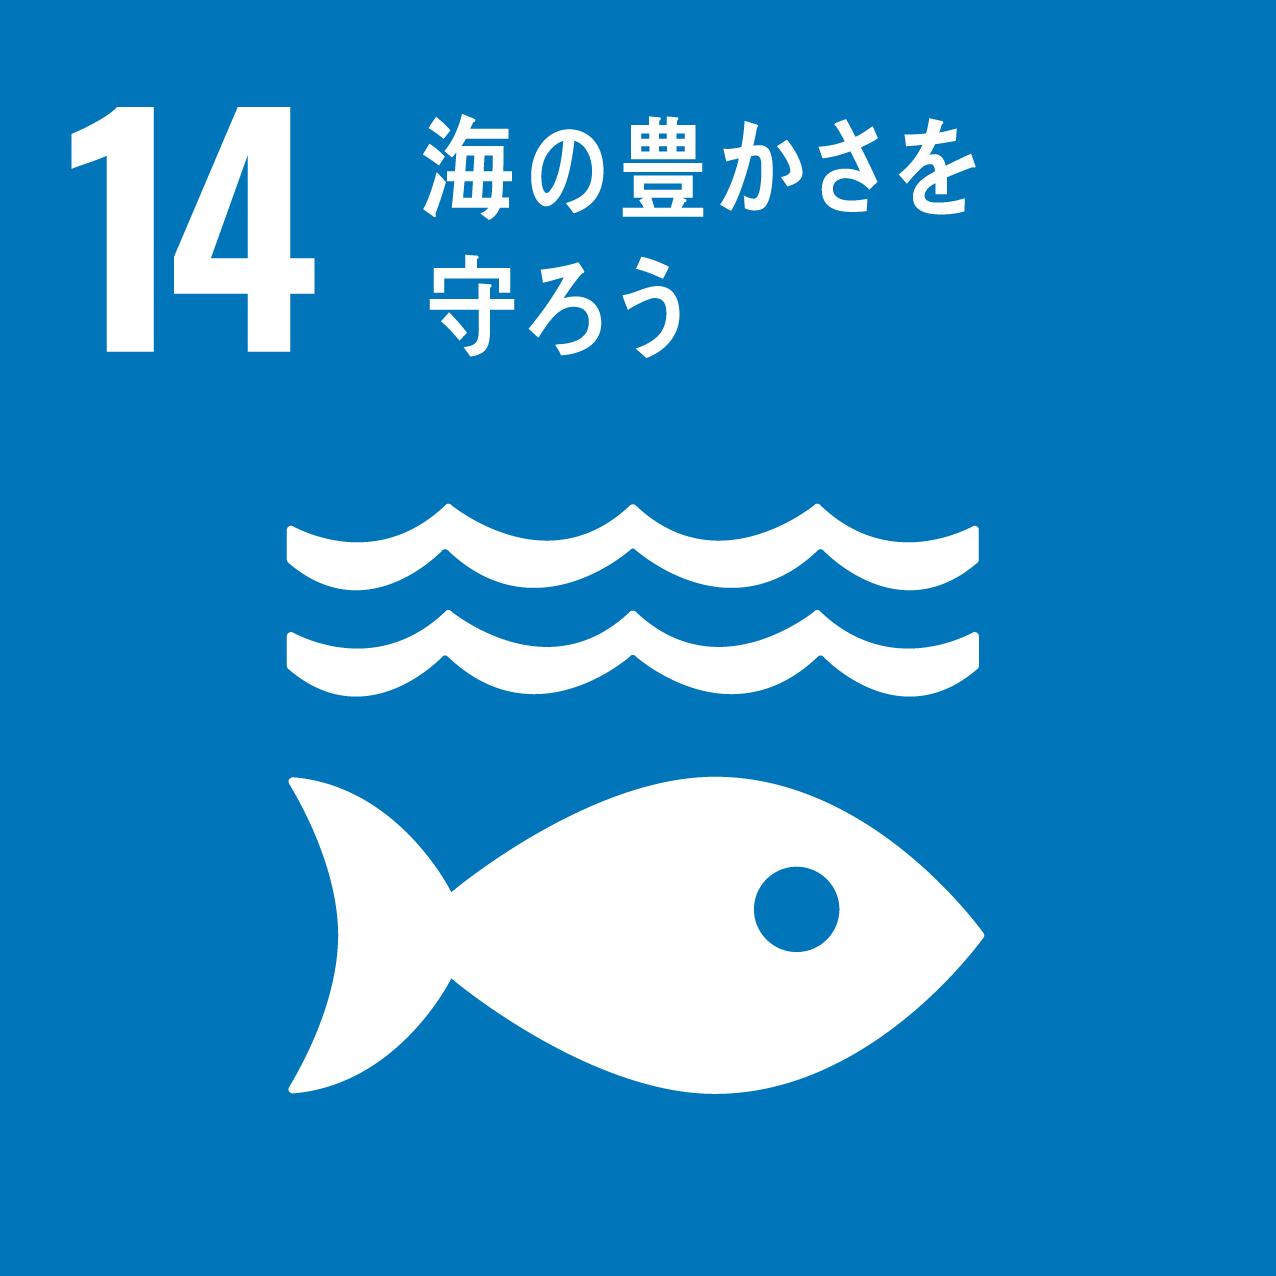 14. 海の豊かさを守ろう